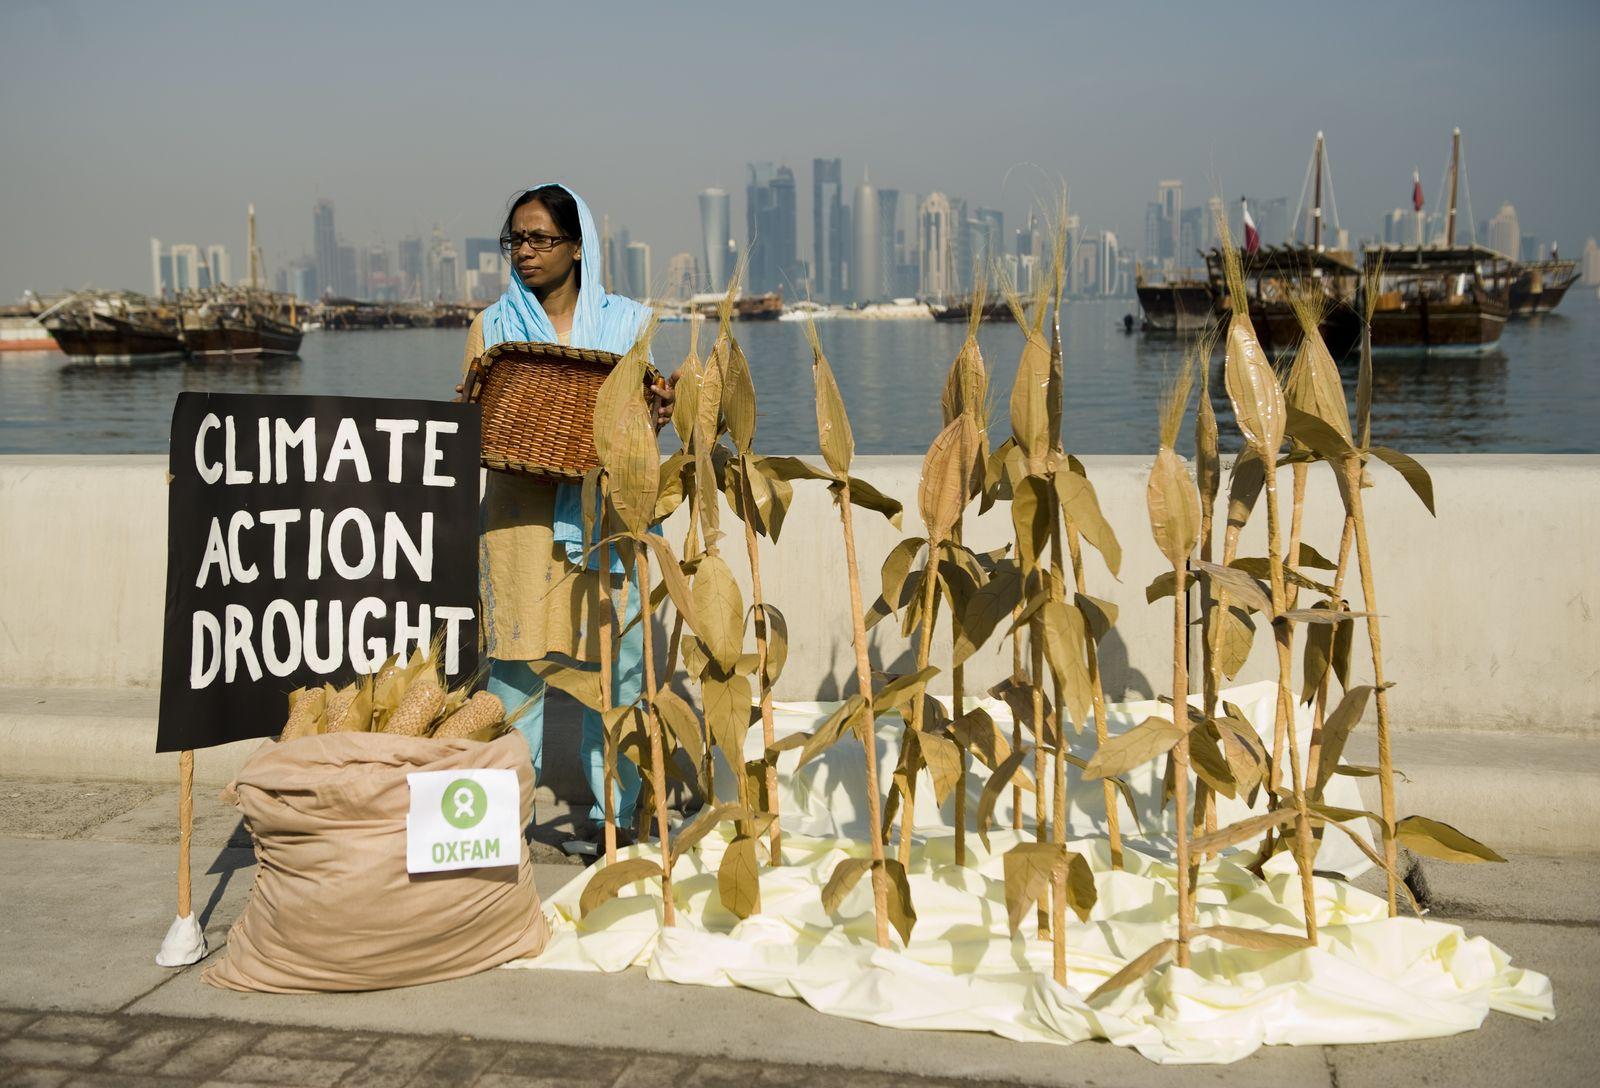 NICHT VERWENDEN Doha/ Klimakonferenz